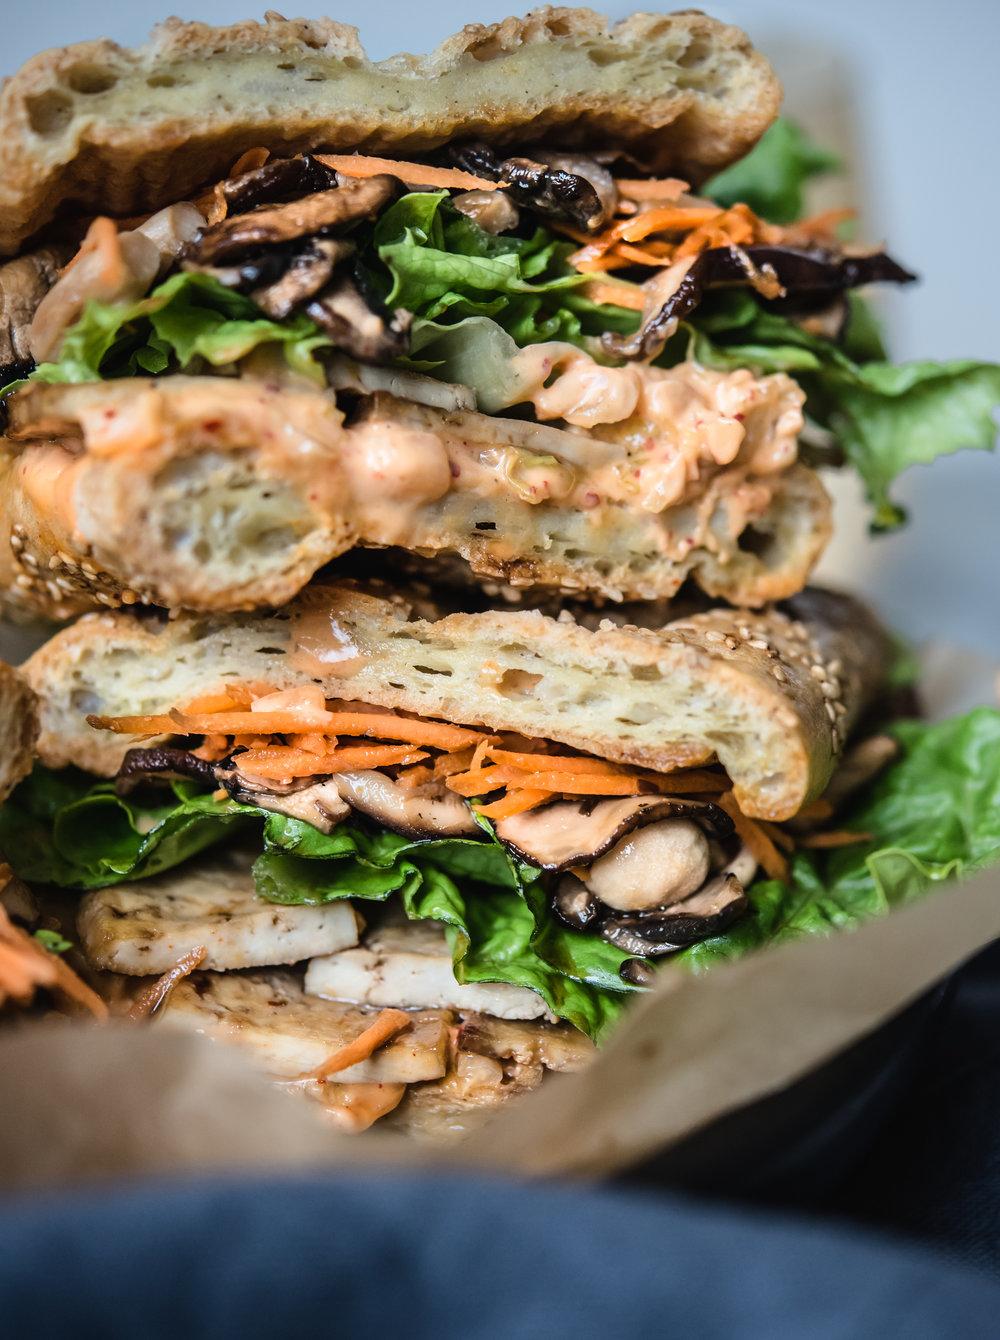 bulgolgi mushroom tofu sandwich kimchi mayo-5854.jpg